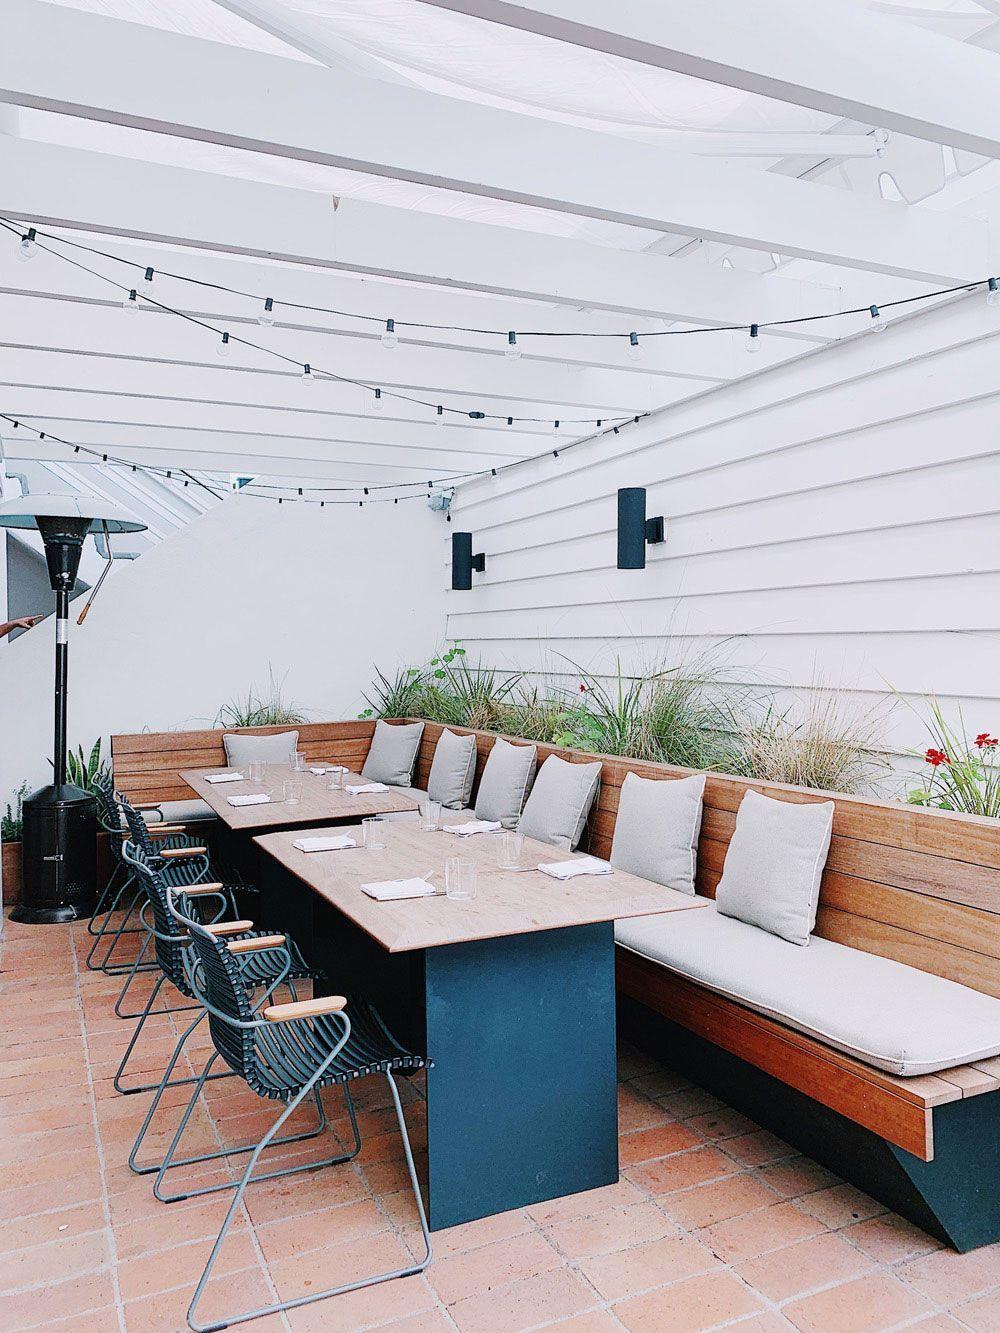 dining patio at hotel joaquin. / sfgirlbybay